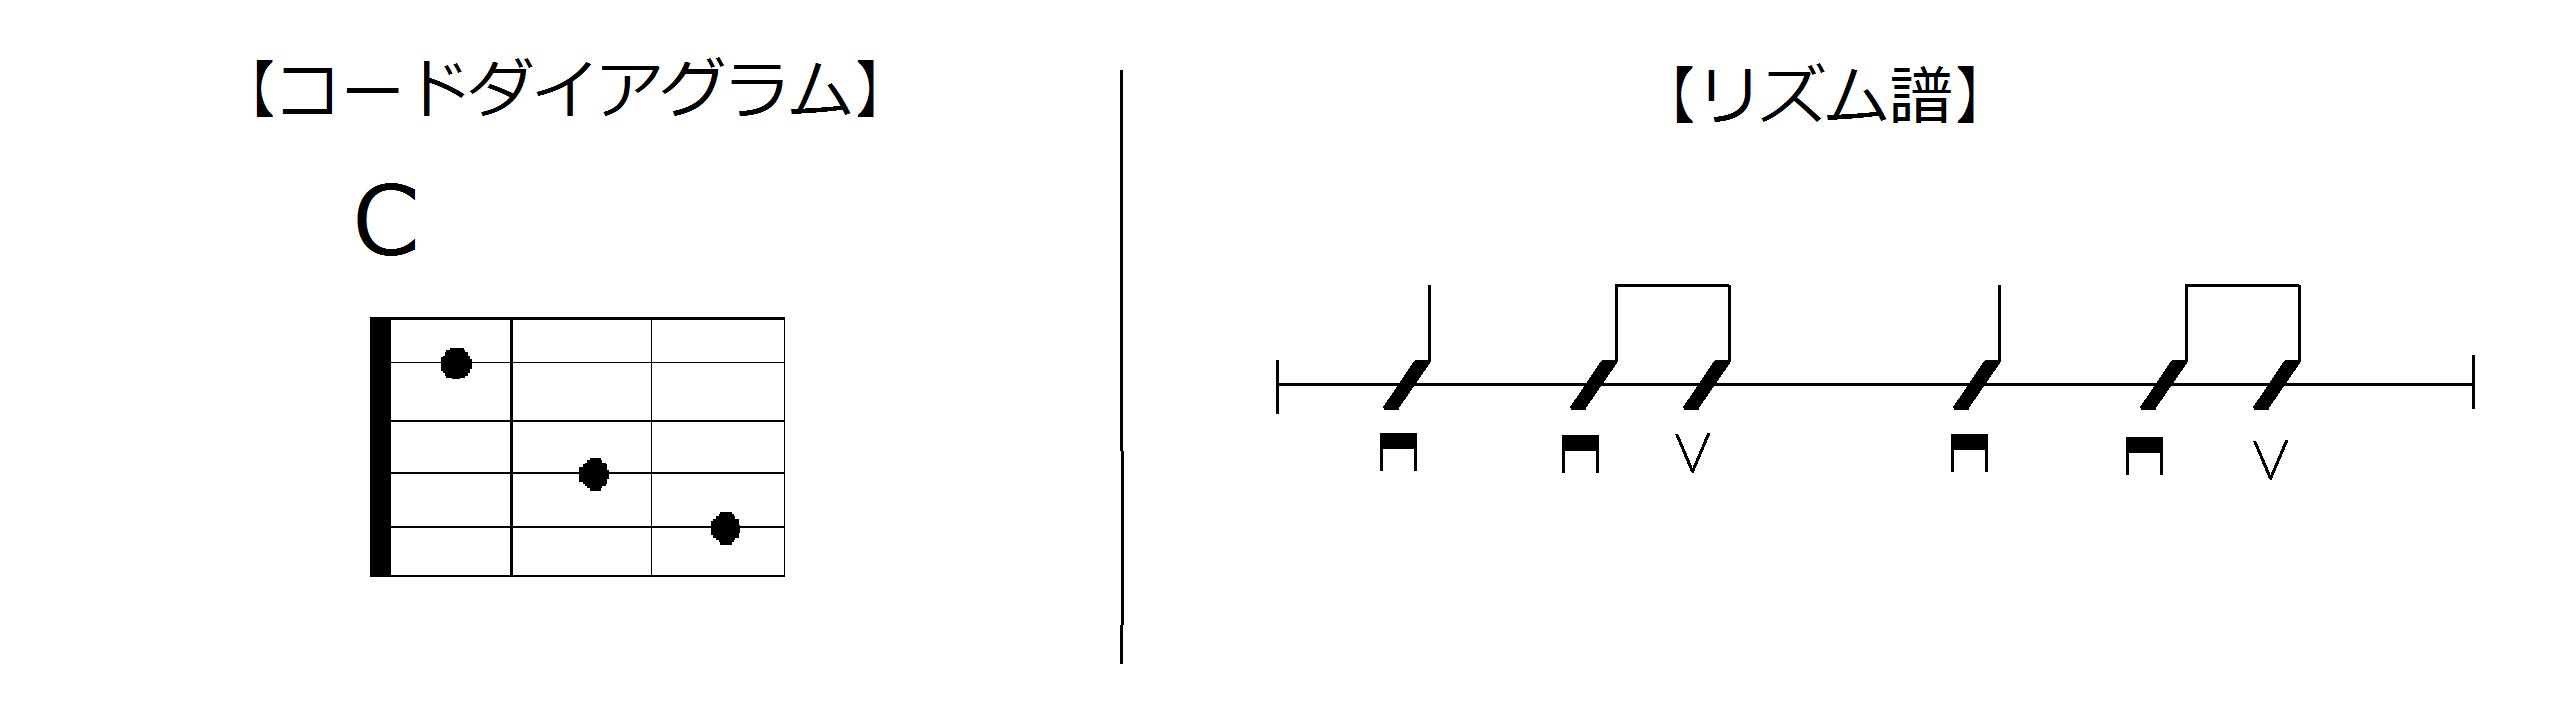 コードダイアグラムとリズム譜